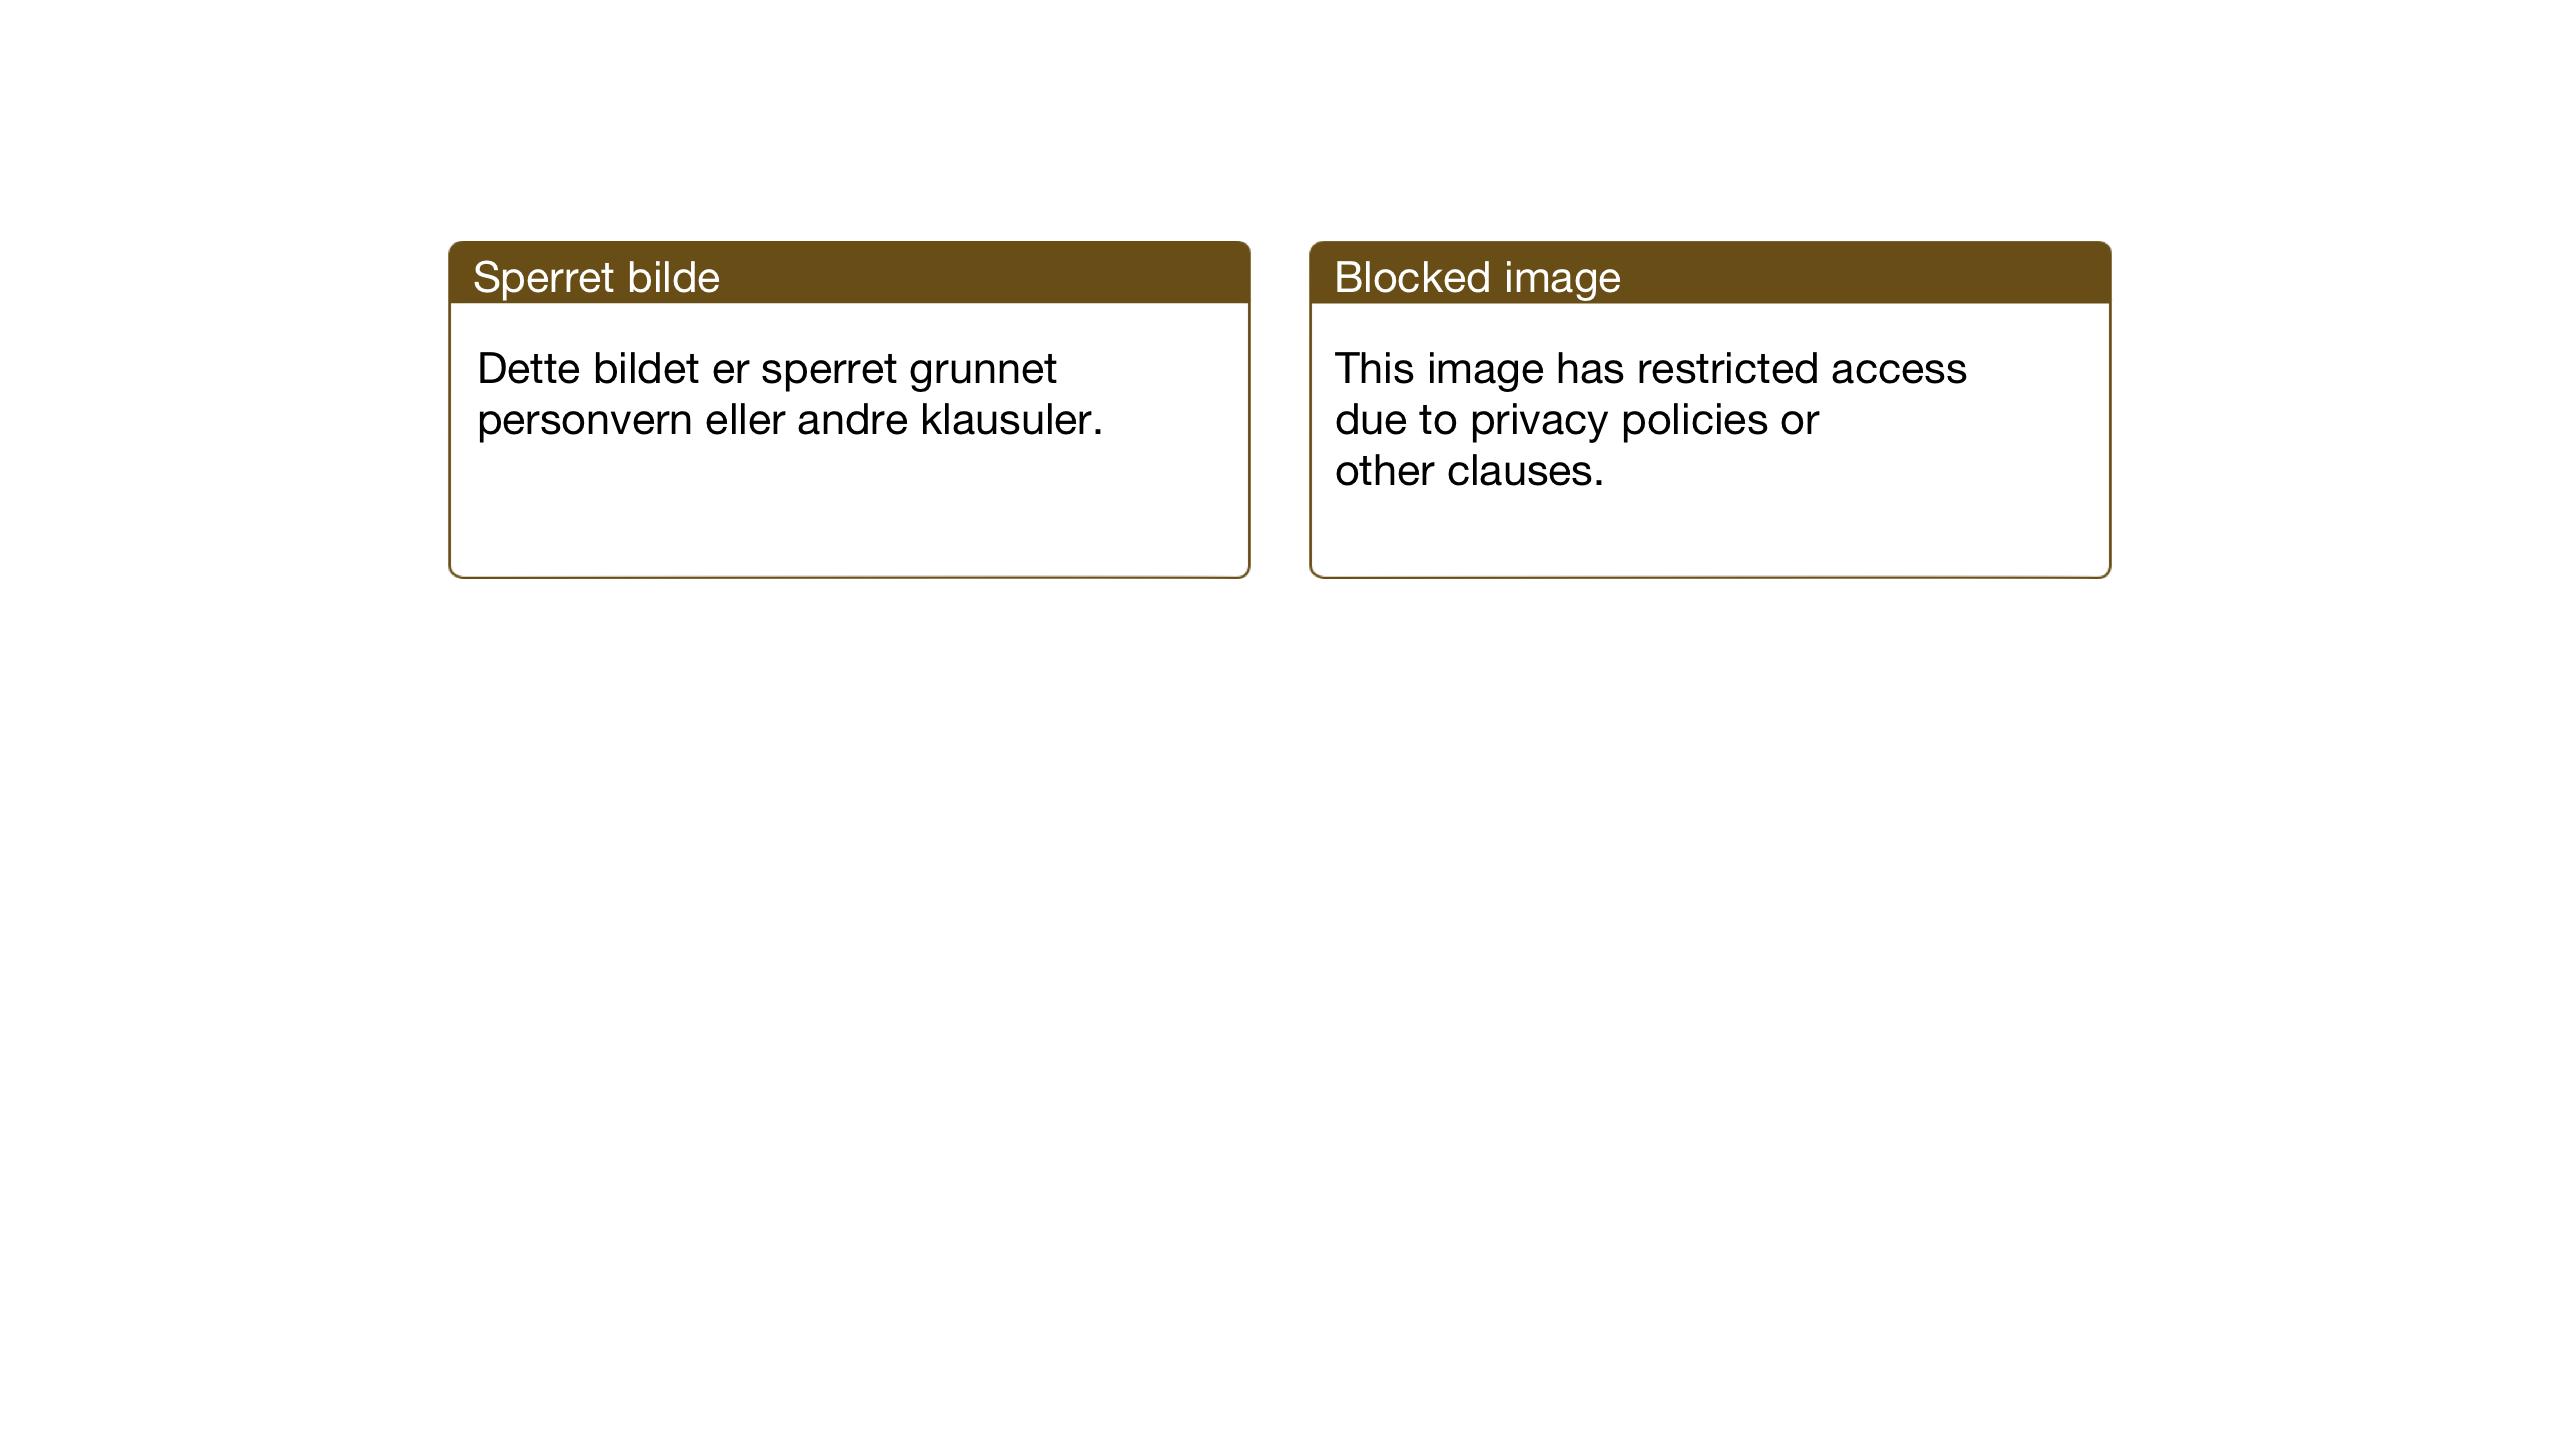 SAT, Ministerialprotokoller, klokkerbøker og fødselsregistre - Sør-Trøndelag, 637/L0563: Klokkerbok nr. 637C04, 1899-1940, s. 103